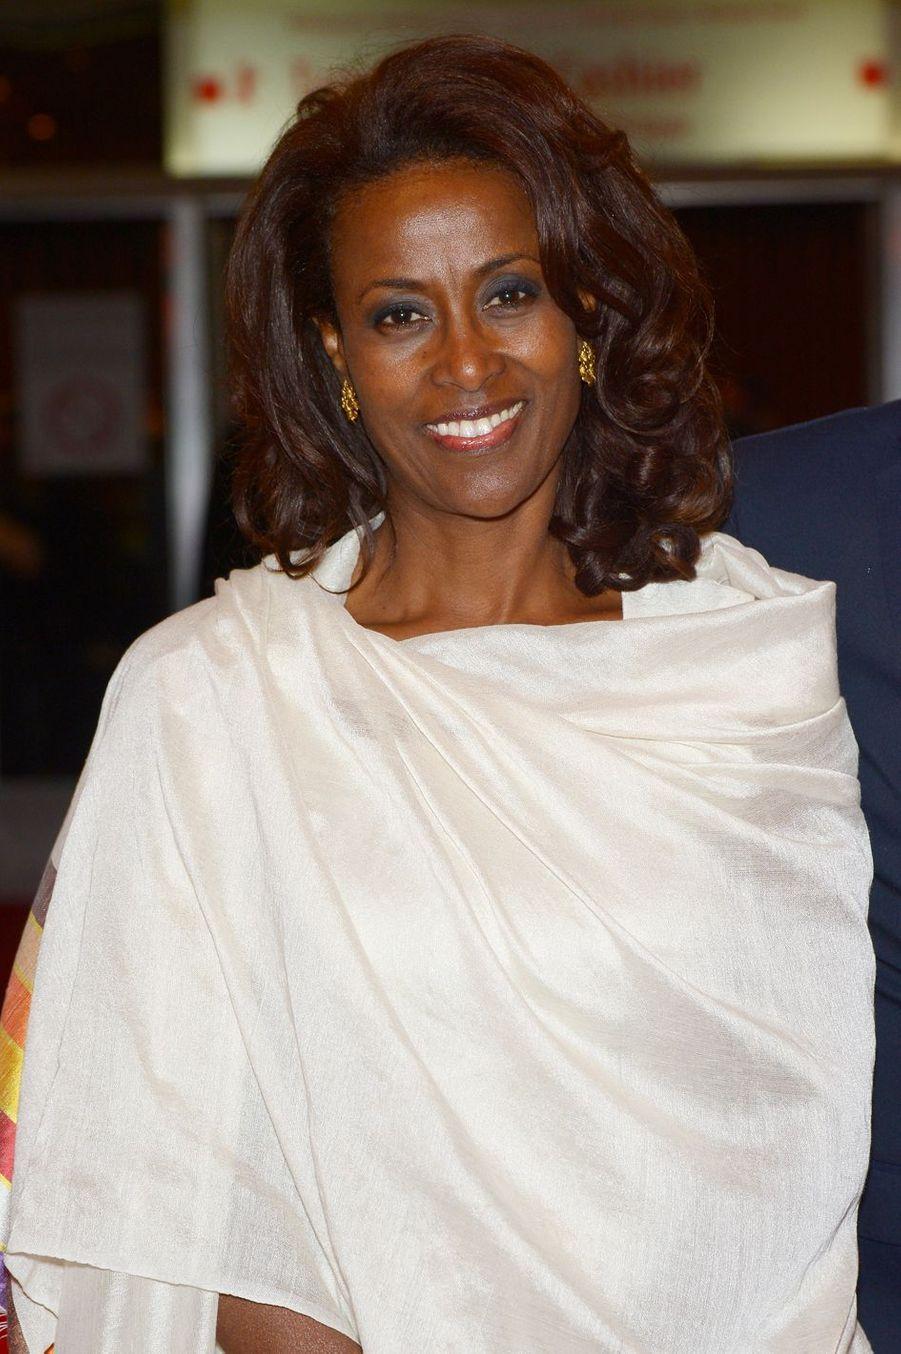 En Ethiopie, Meaza Ashenafi (55 ans) combat les violences domestiques et sexuelles faites aux femmes. Elle ambitionne d'assurer aux femmes une meilleure place dans la société.